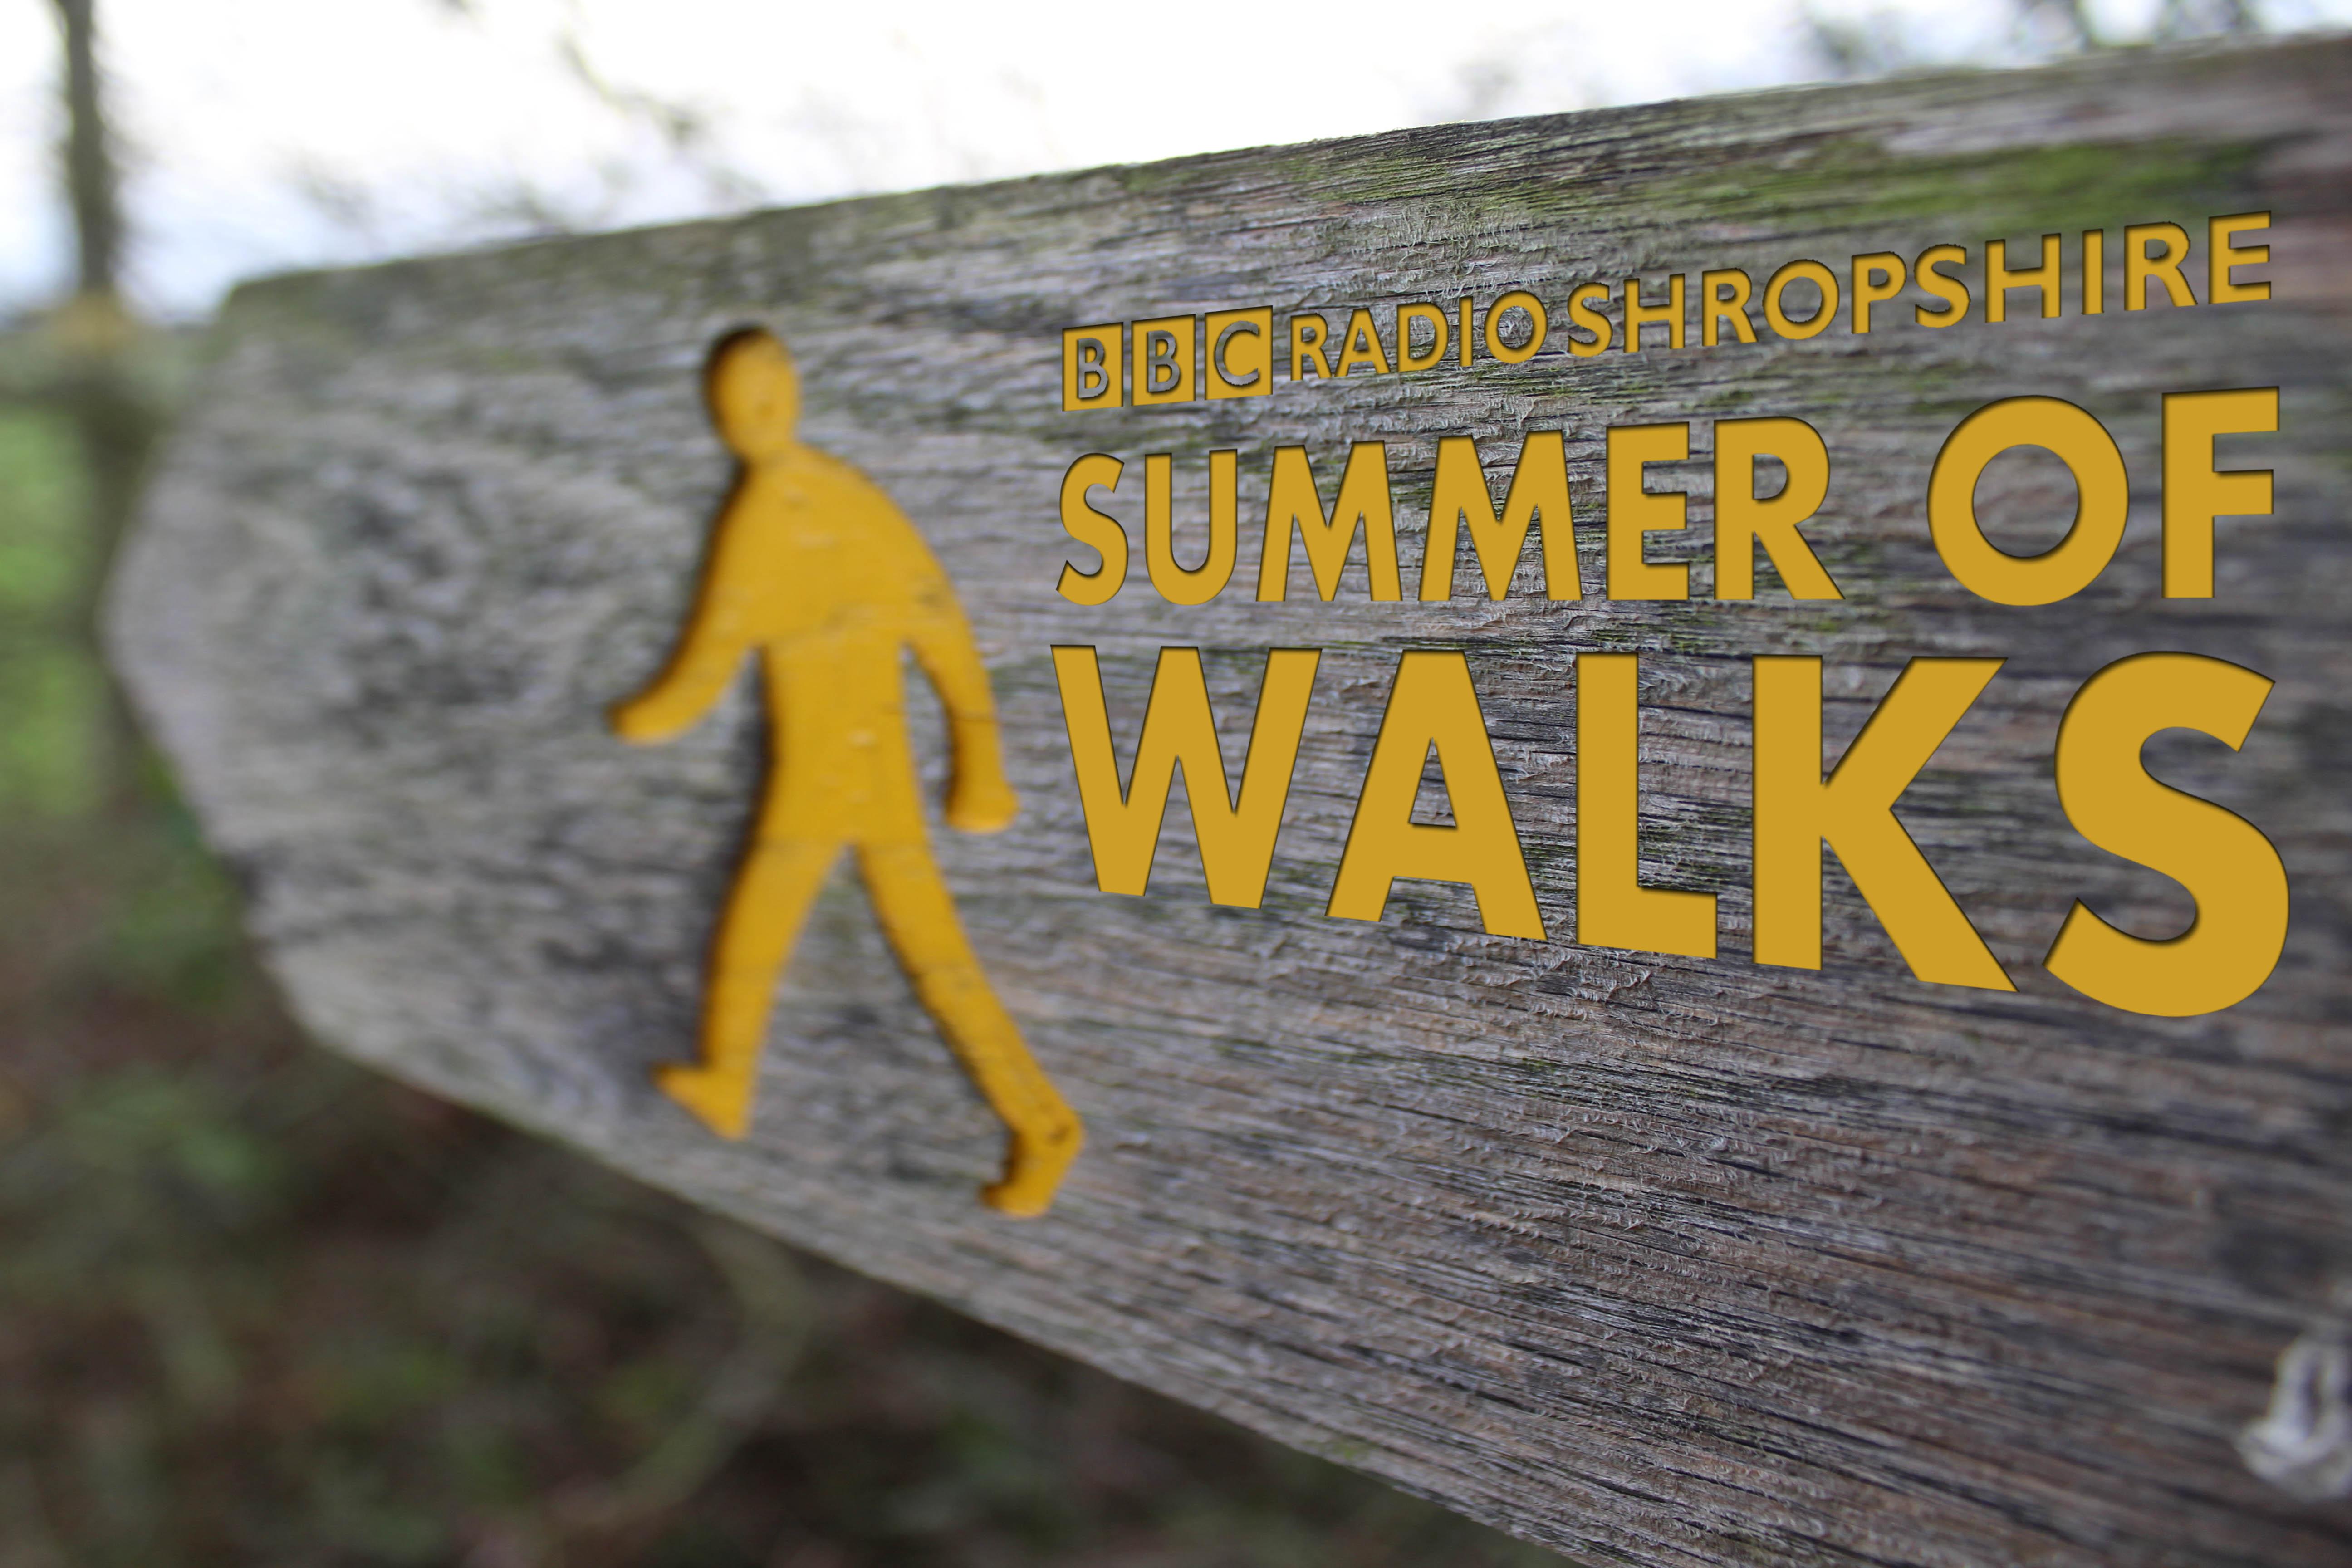 Summer of walks